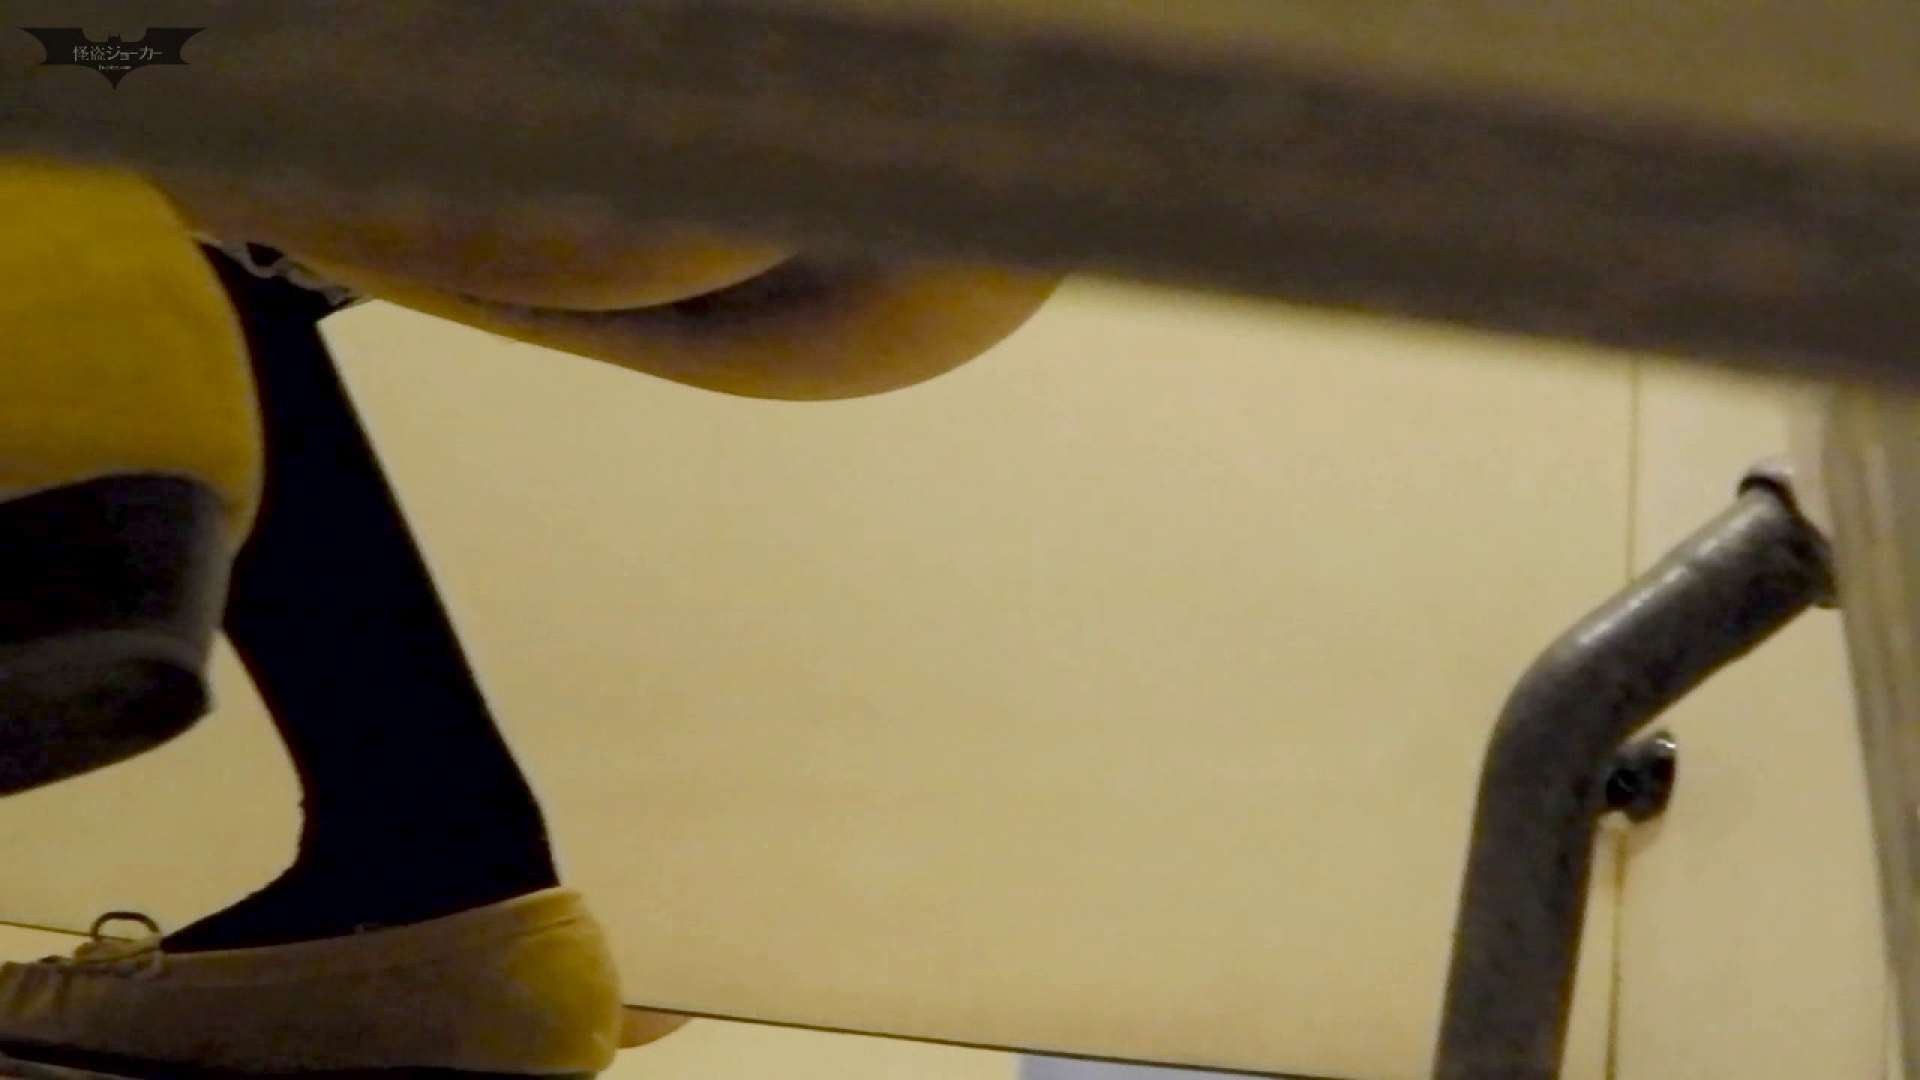 新世界の射窓 No60清楚系から可愛い系まで勢揃い! 丸見えマンコ   洗面所  74画像 43